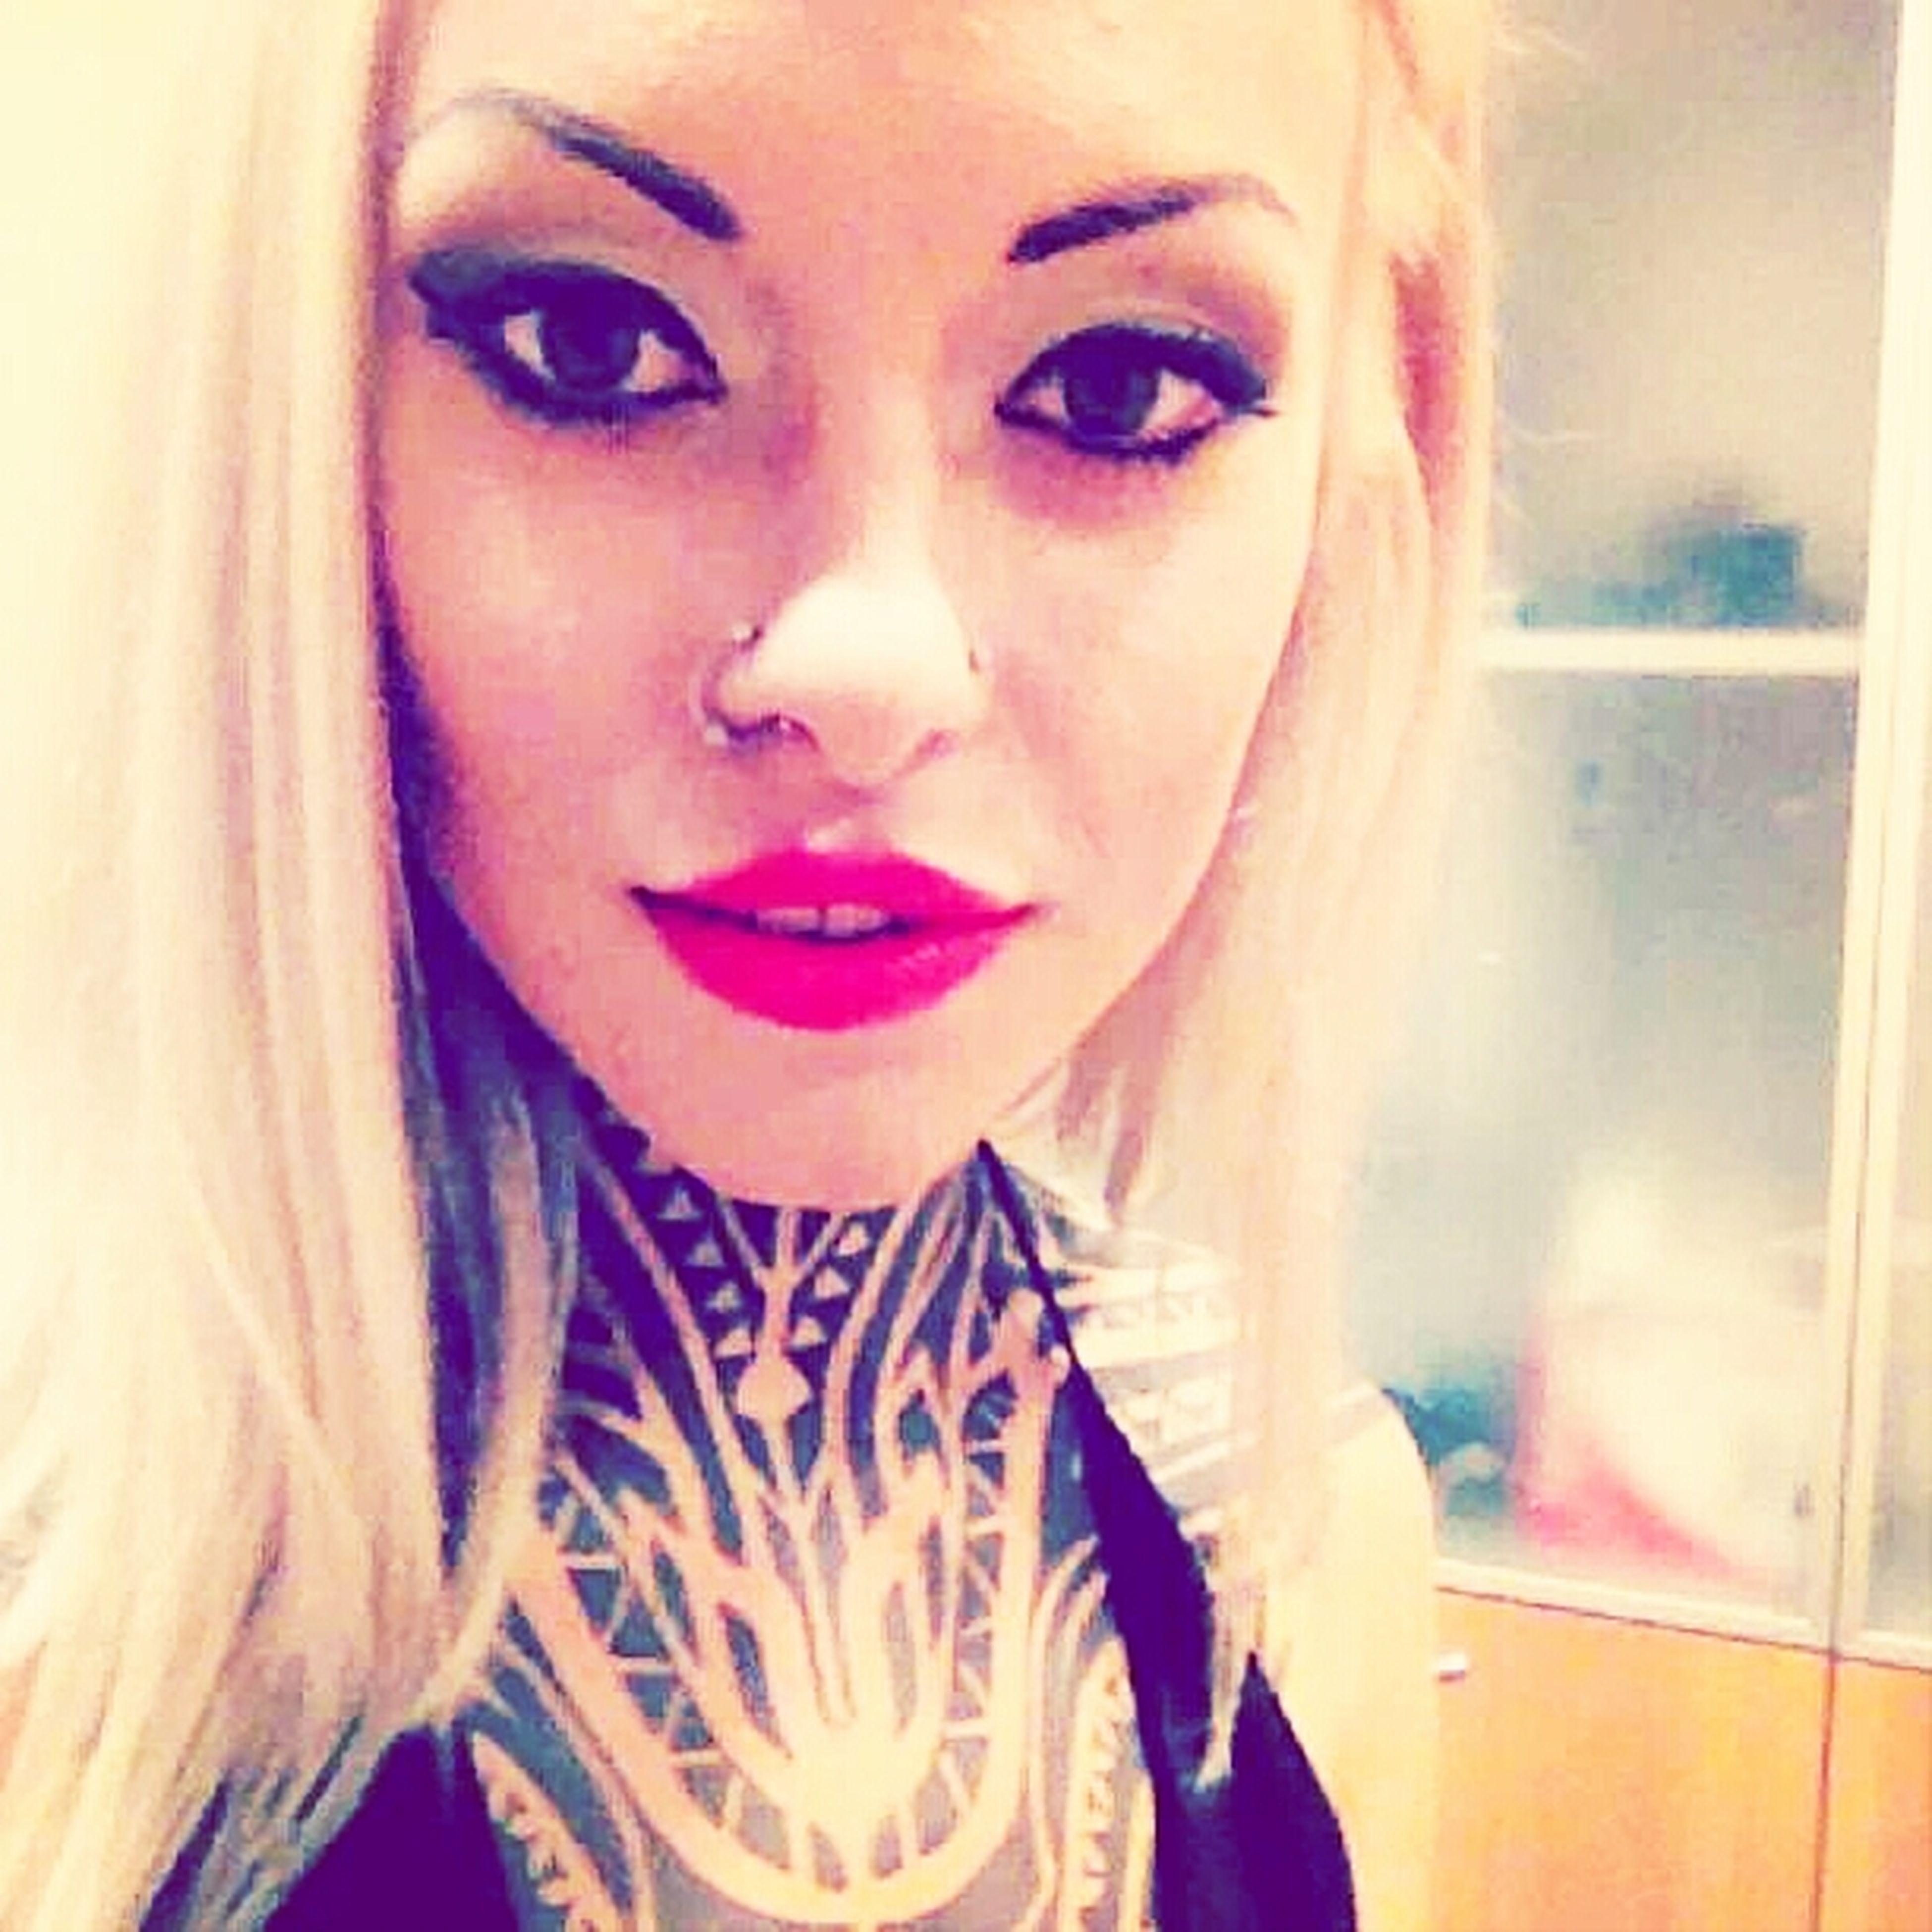 Tattoo Taking Photos